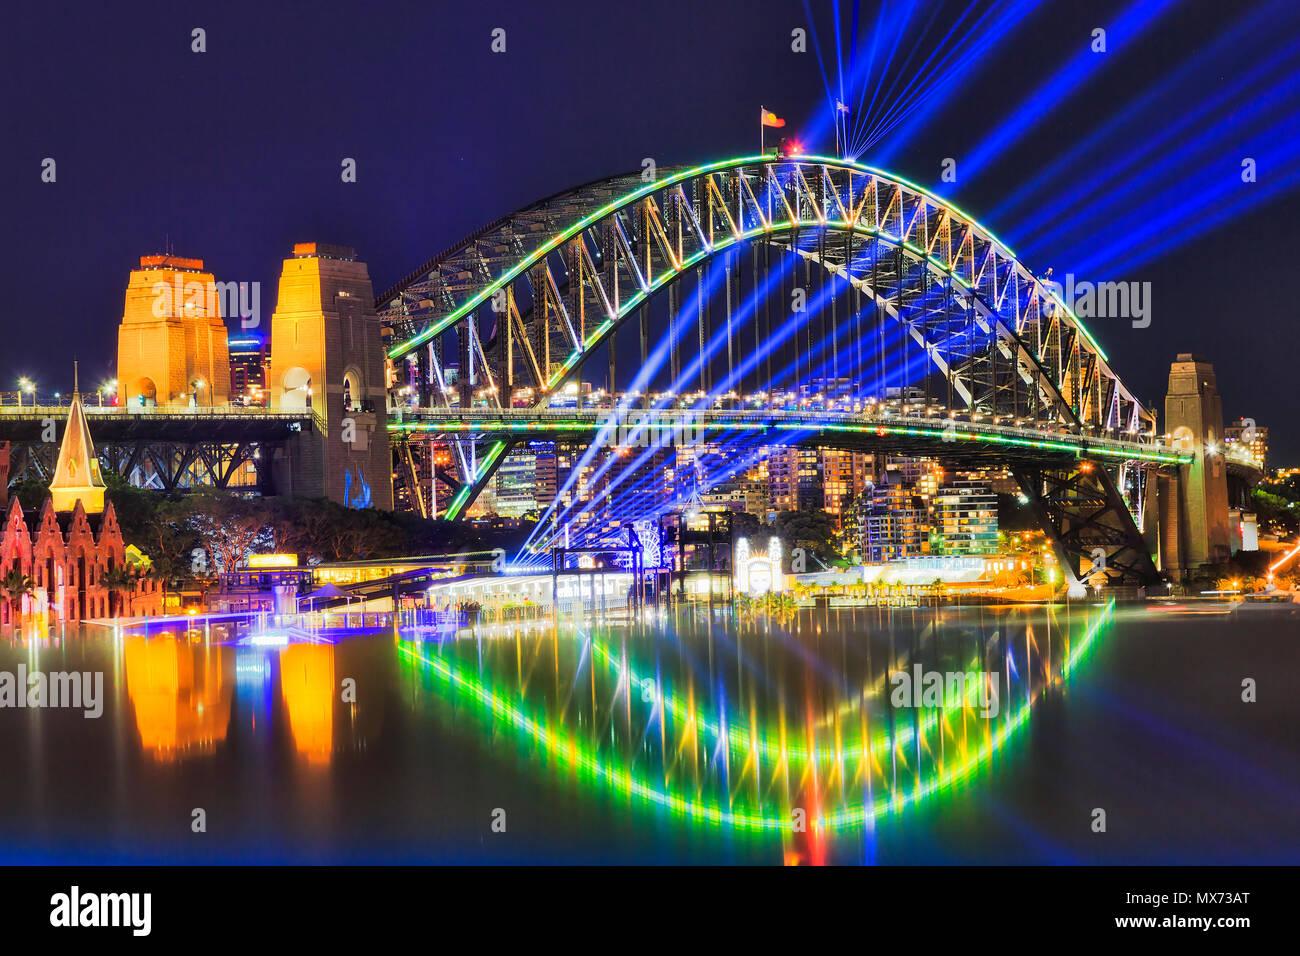 Blau hell strahlen von Laser unter arch der Sydney Harbour Bridge bei Vivid Sydney Light Show Festival mit Reflexion der Lichter. Stockfoto